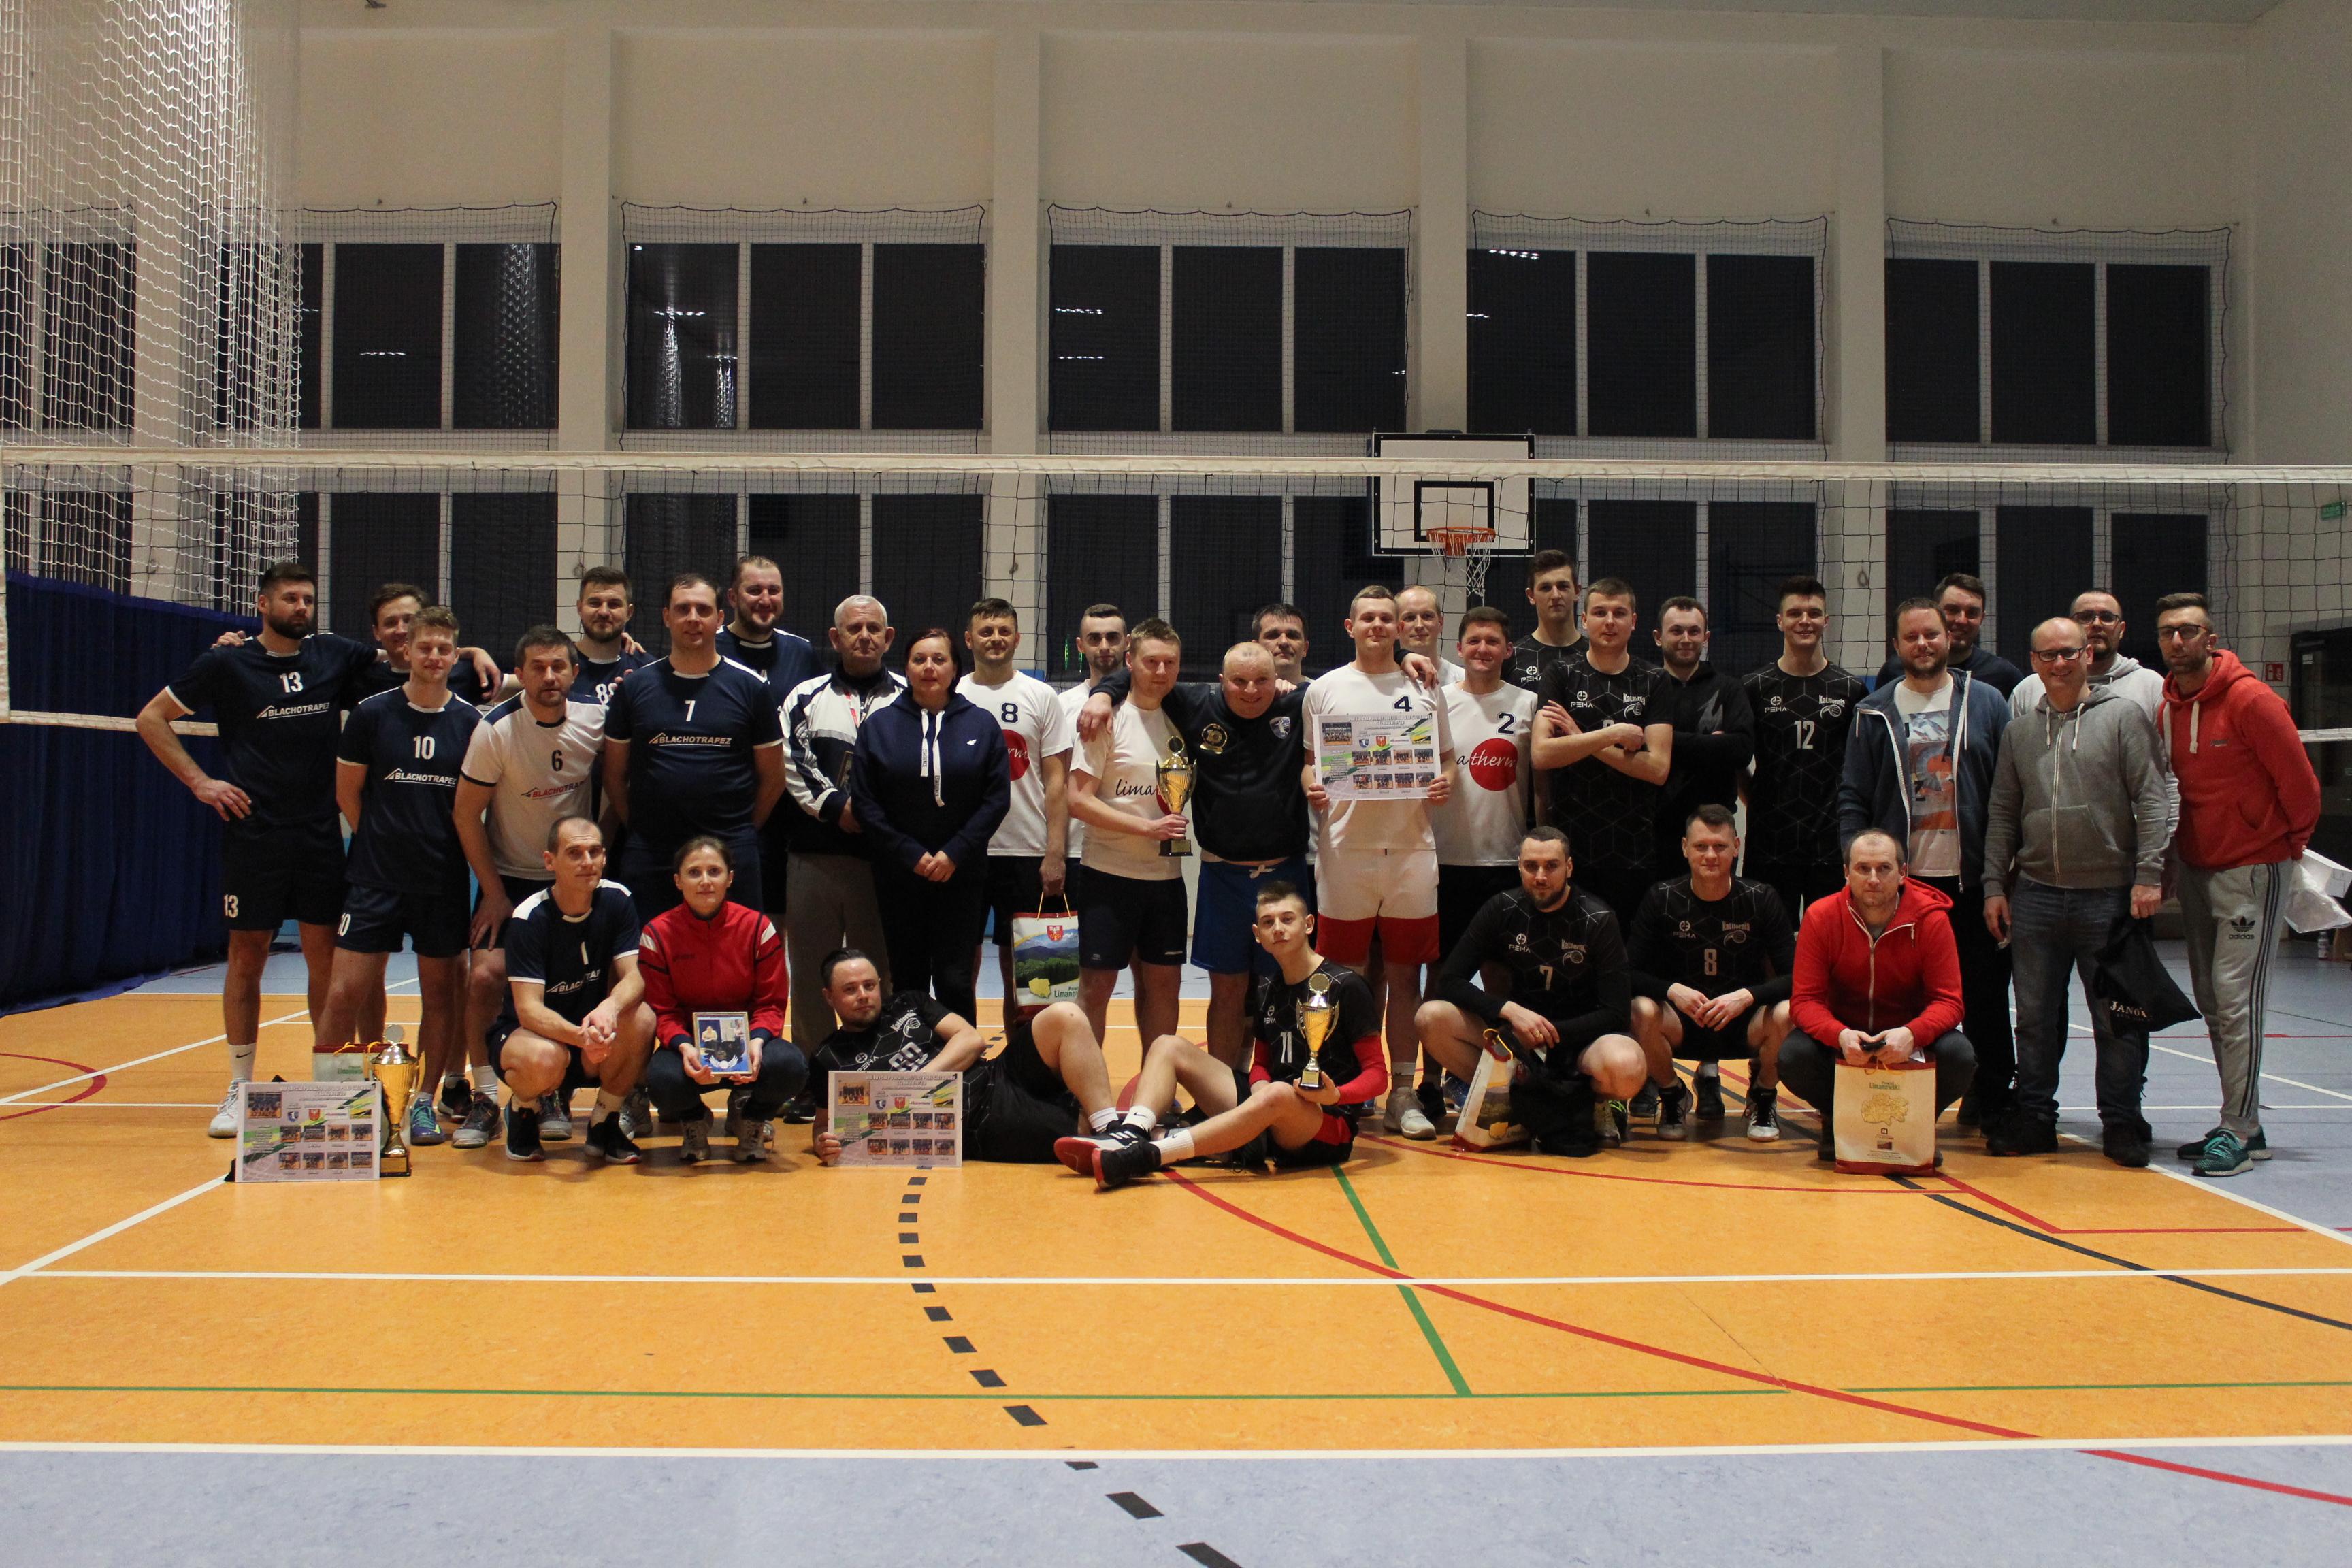 VIII Edycja Powiatowej Ligi Piłki Siatkowej sezon 2019/2020 - zawodnicy